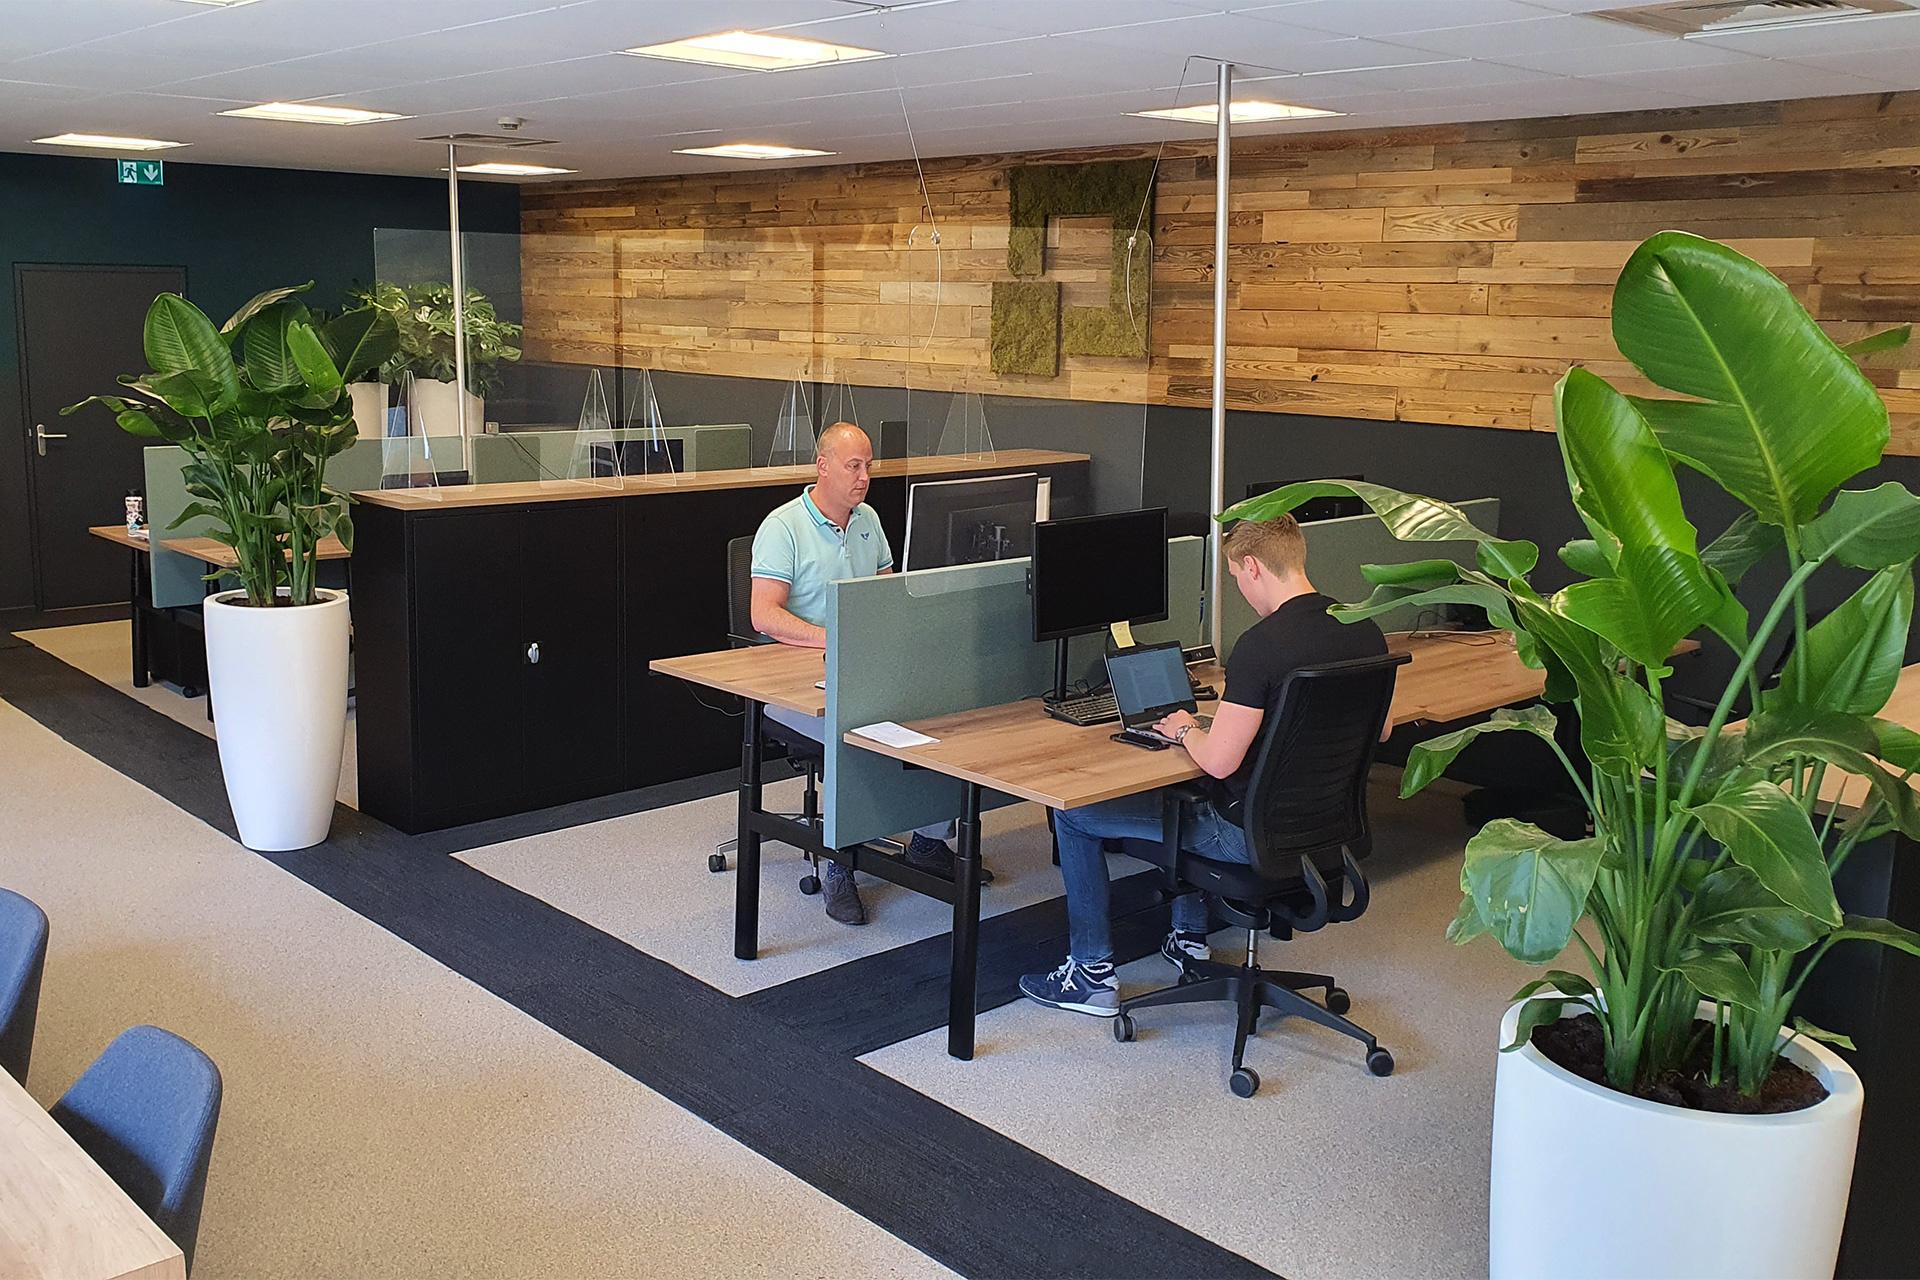 Opvallend ANDERS werken - anderhalvemeter werkplek